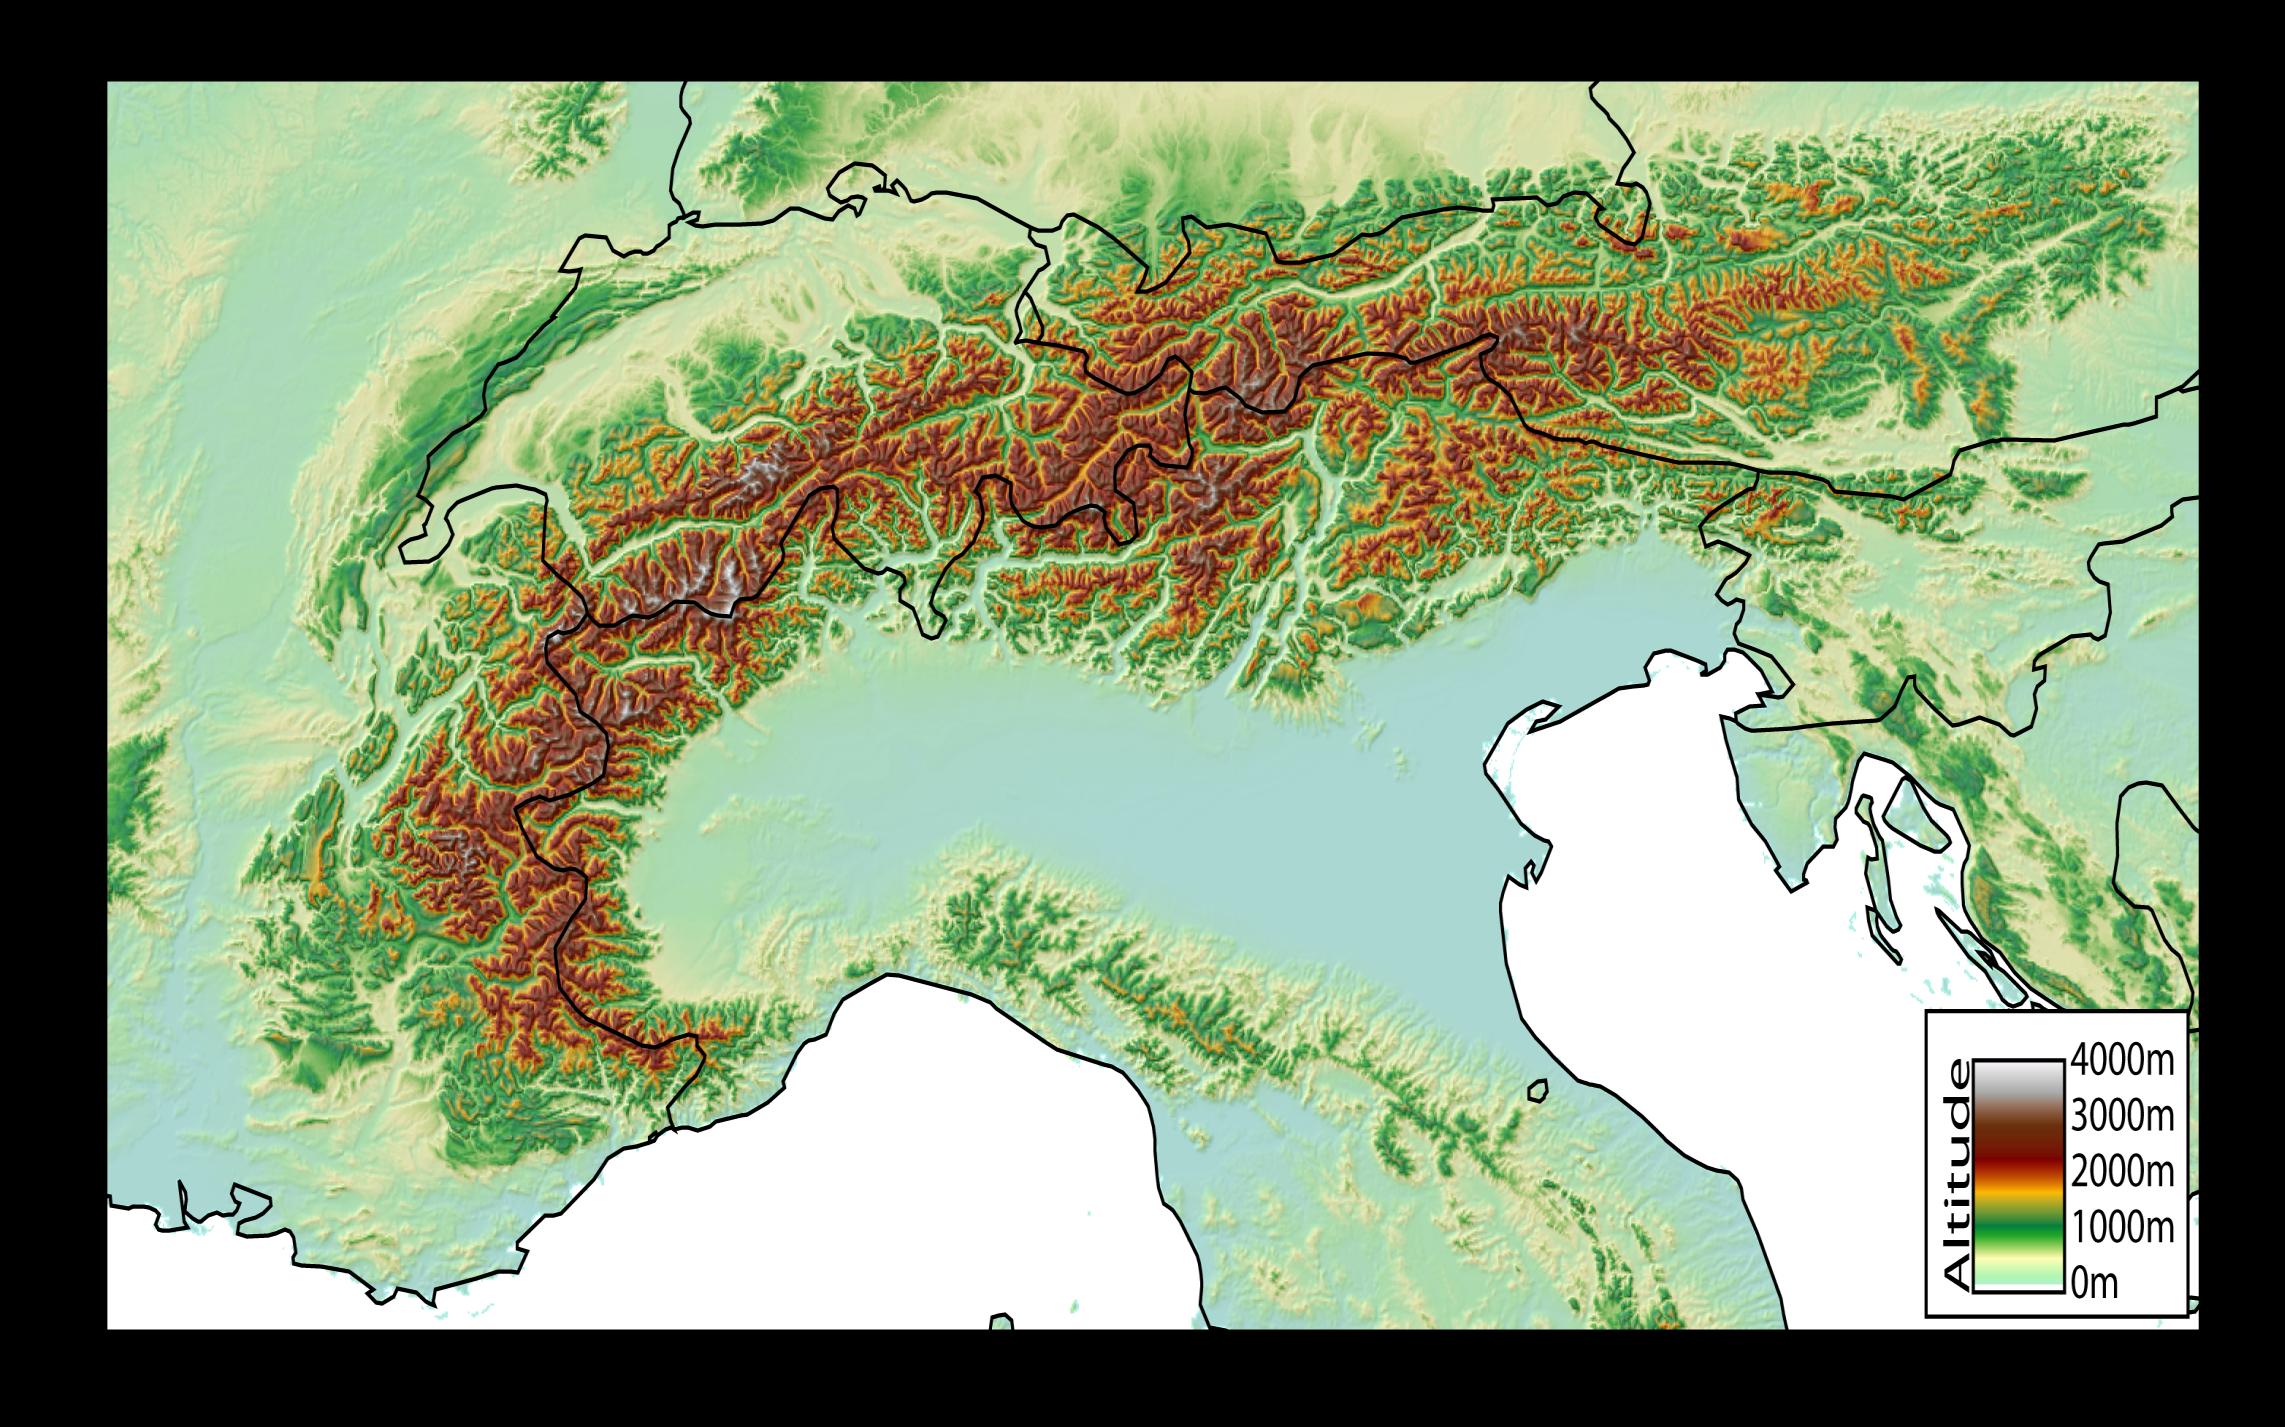 les alpes carte geographique